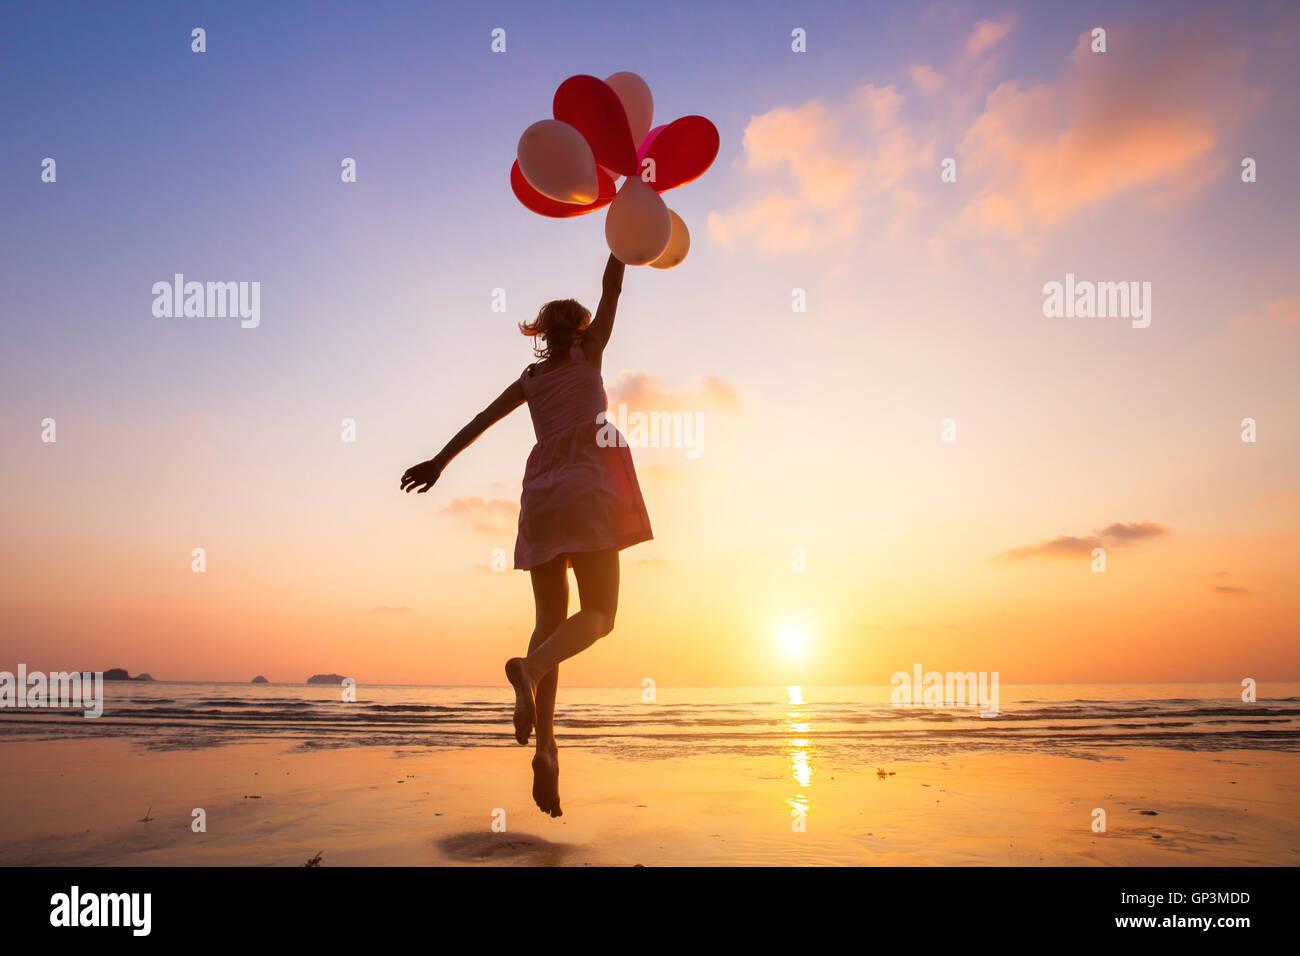 Fantasia, felice ragazza jumping con palloncini multicolori al tramonto sulla spiaggia, volare, seguire il tuo sogno Immagini Stock